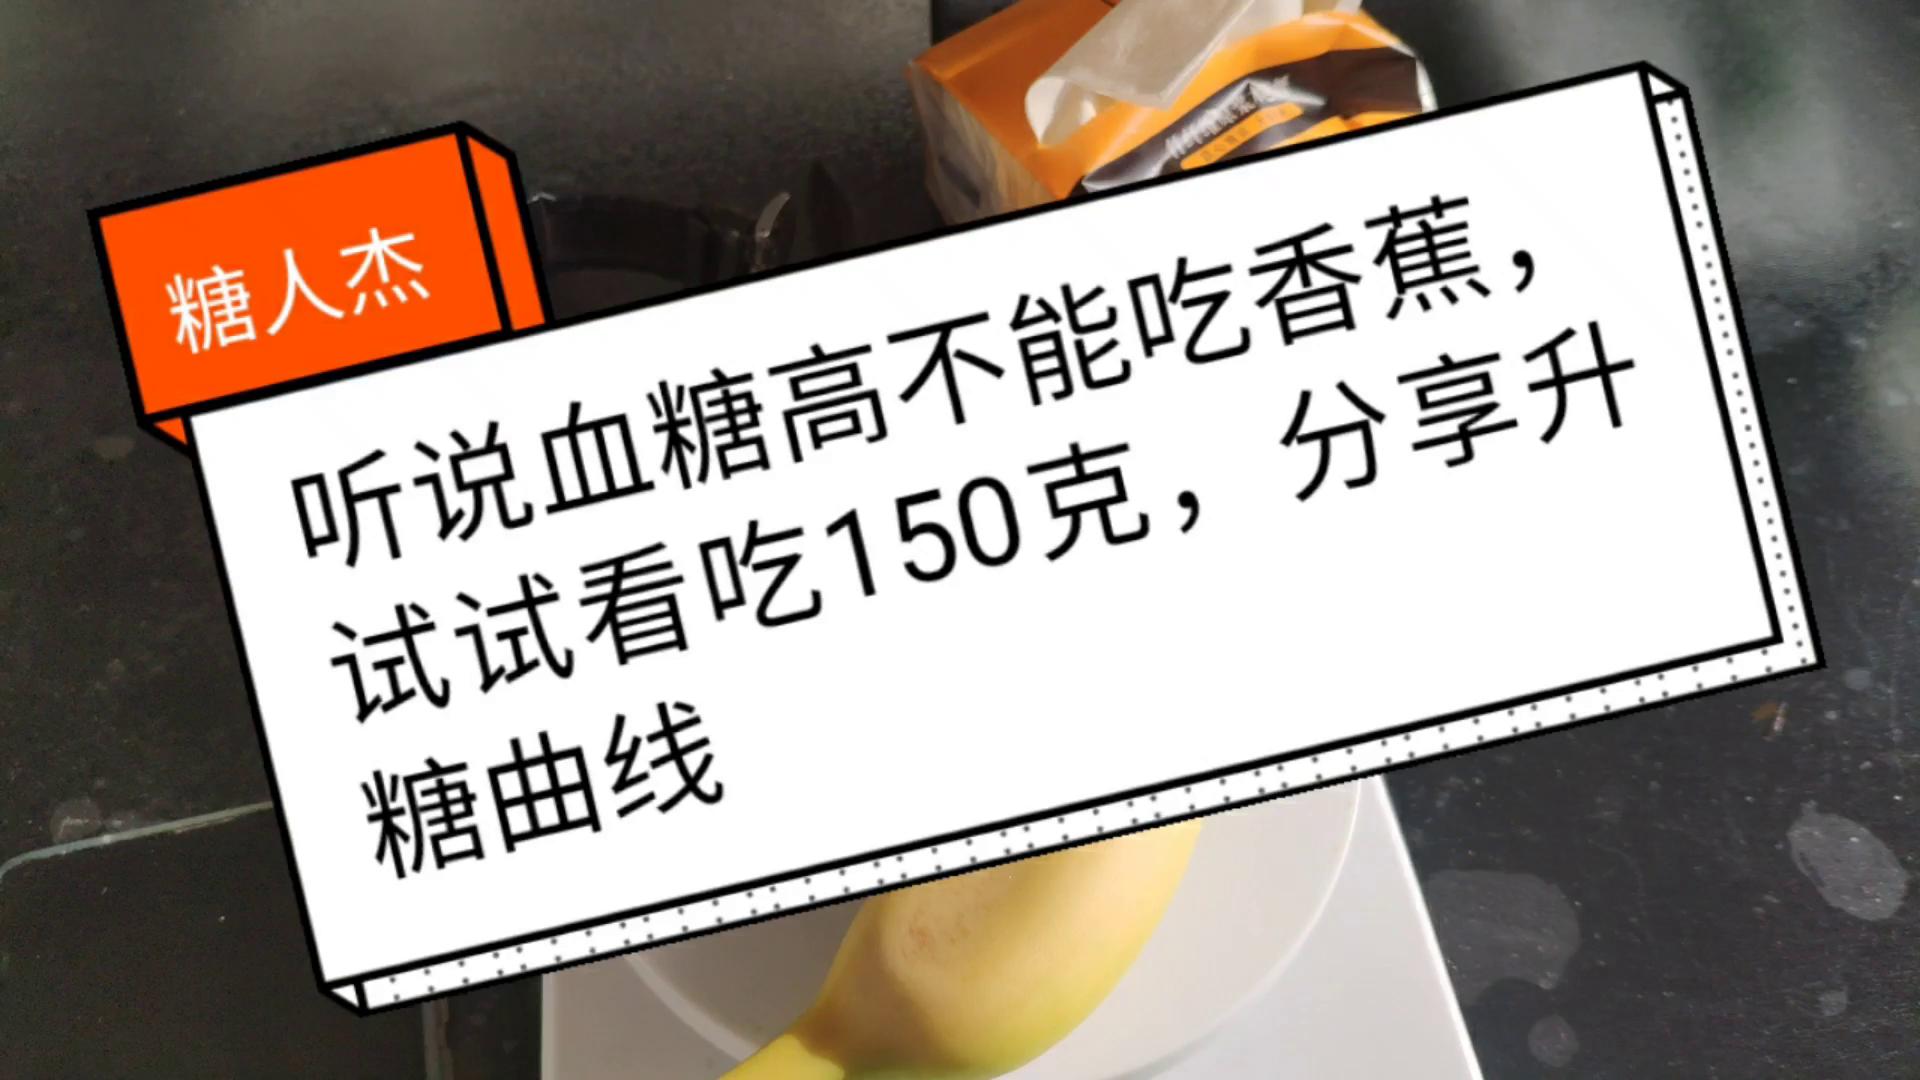 糖人杰:糖尿病到底能不能吃香蕉,吃150克试试看,分享升糖曲线